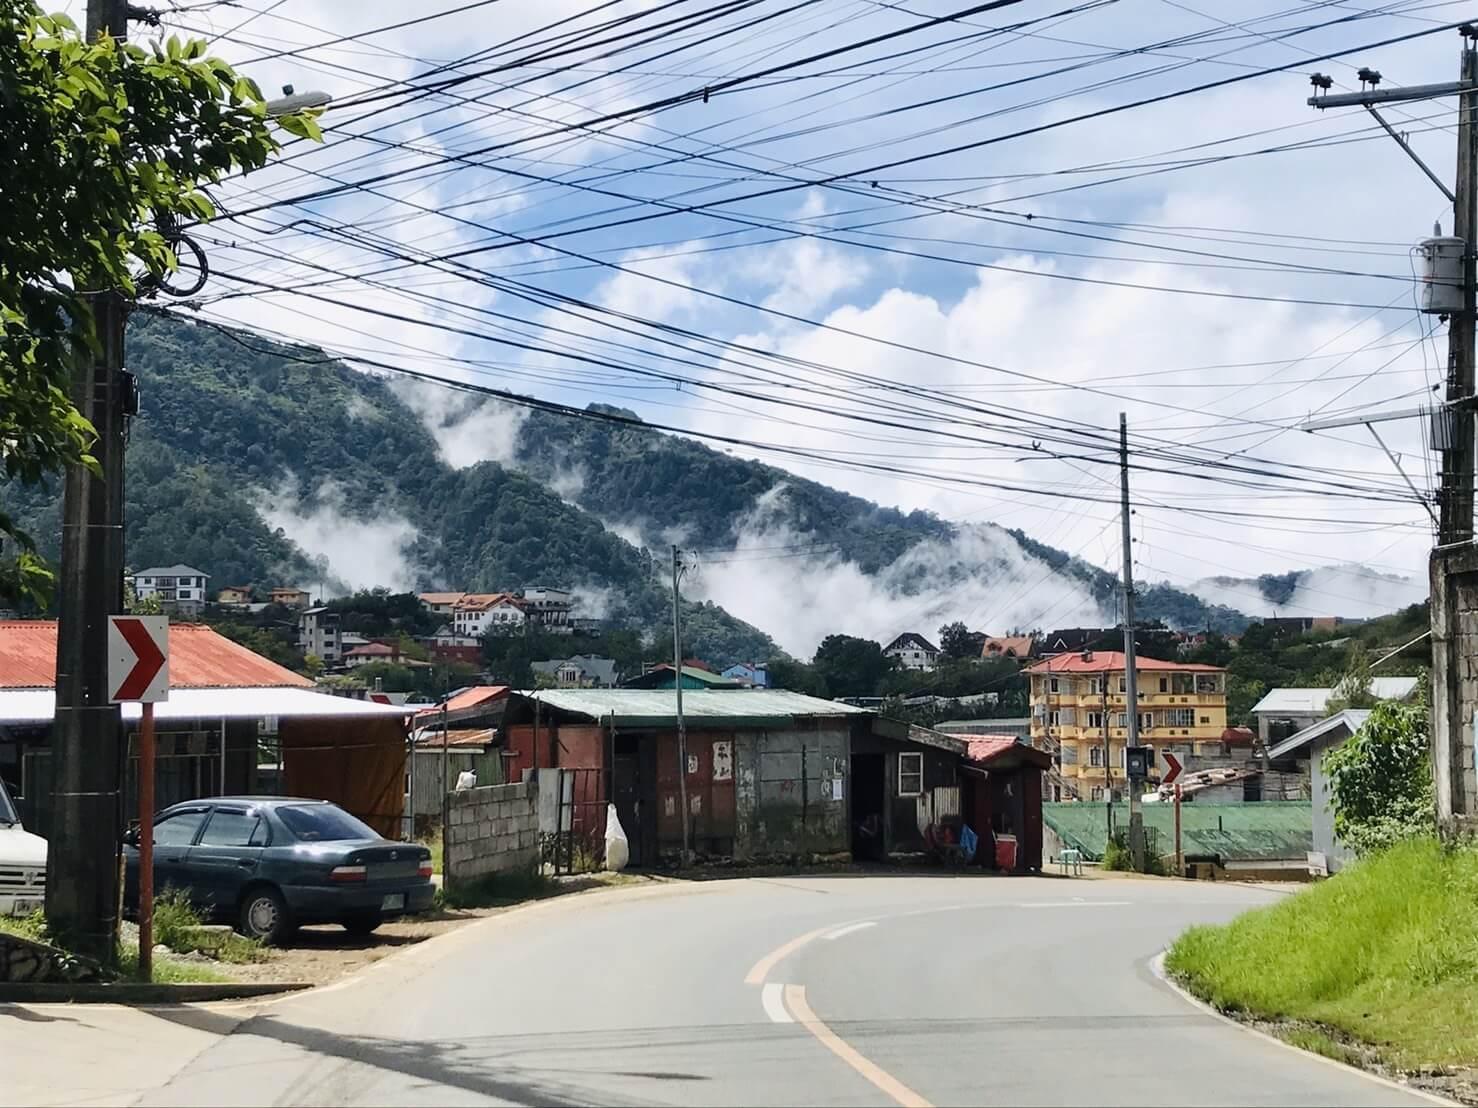 菲律賓遊學心得, 碧瑤BECI語言學校評價